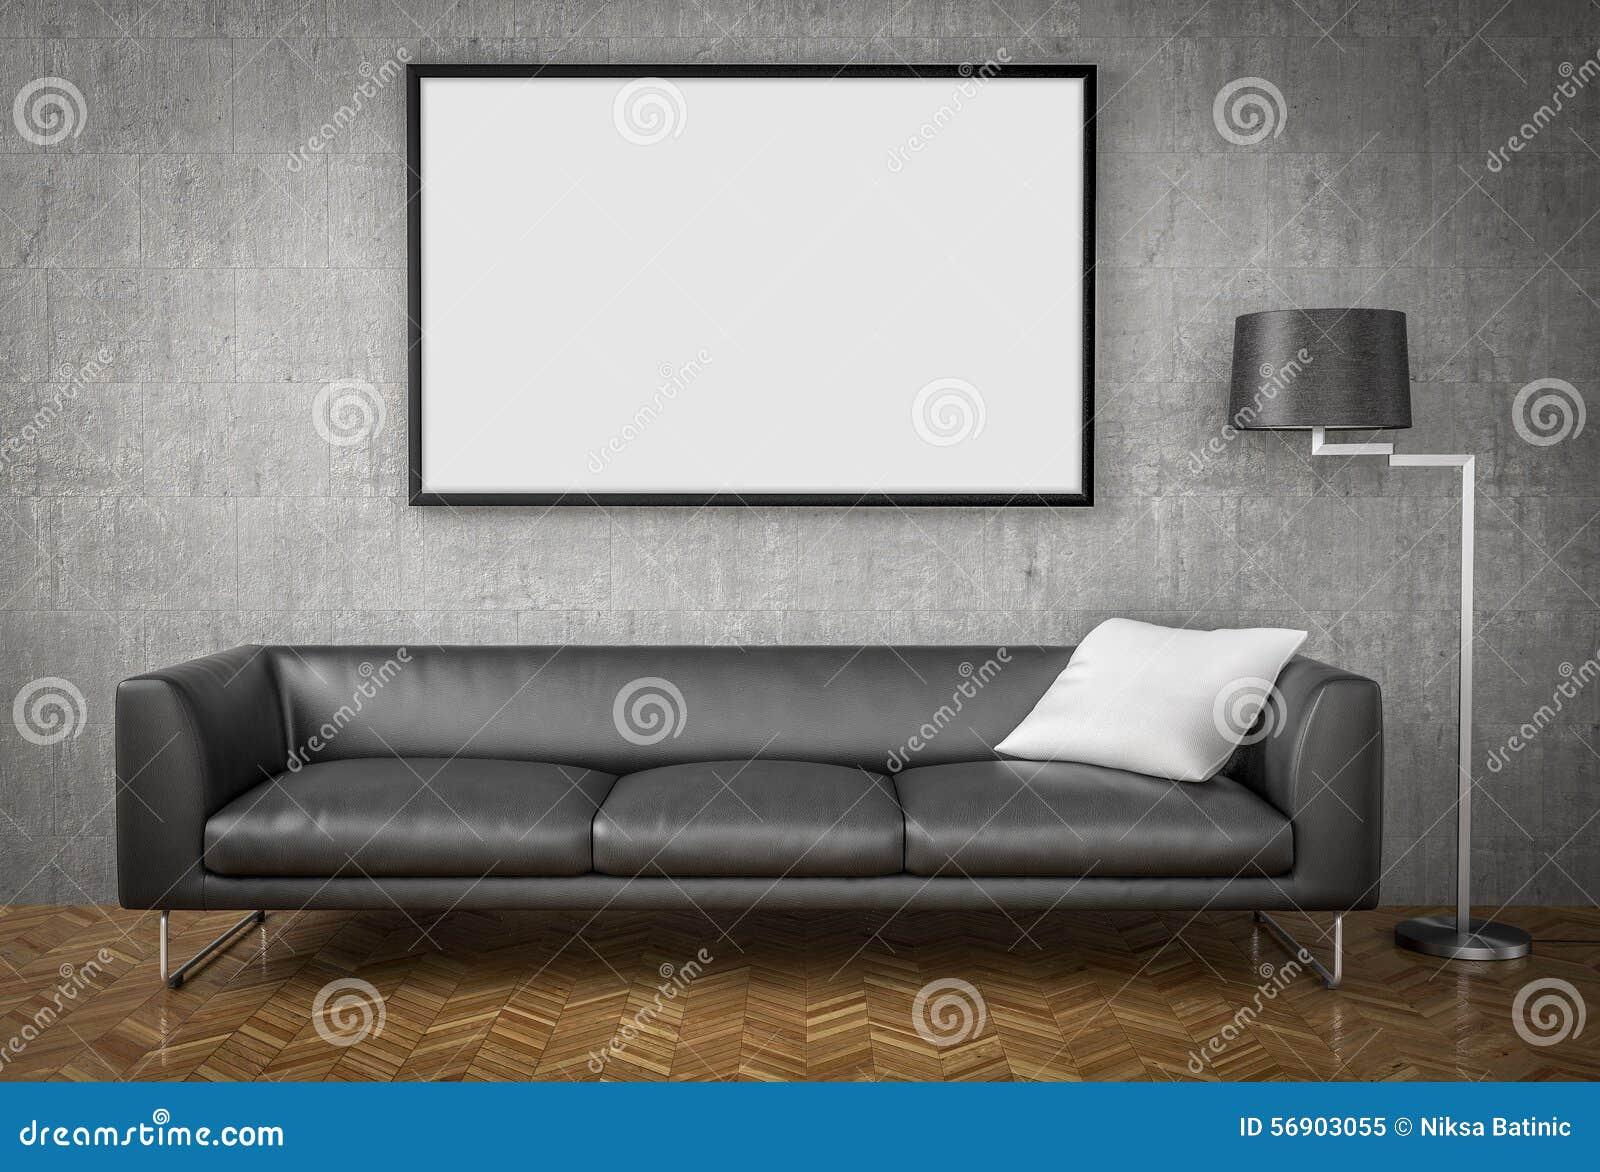 Χλεύη επάνω στην αφίσα, μεγάλος καναπές, υπόβαθρο συμπαγών τοίχων